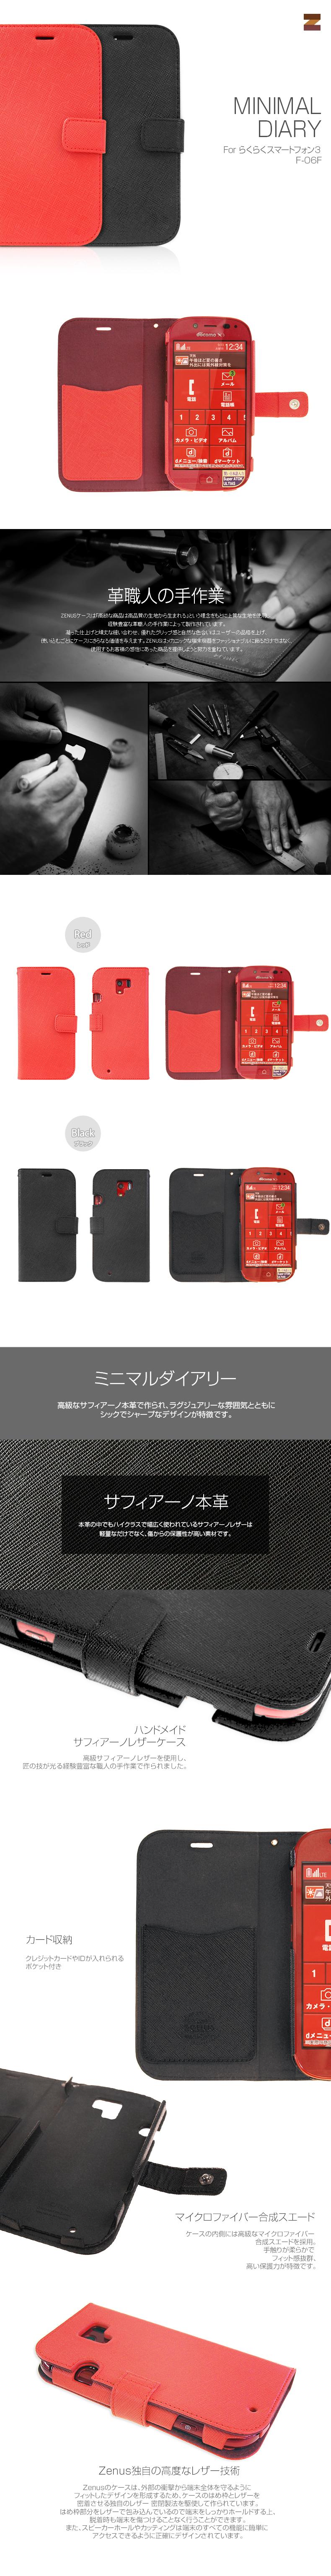 商品詳細ドコモらくらくスマートフォン3専用ハンドメイドレザーケース